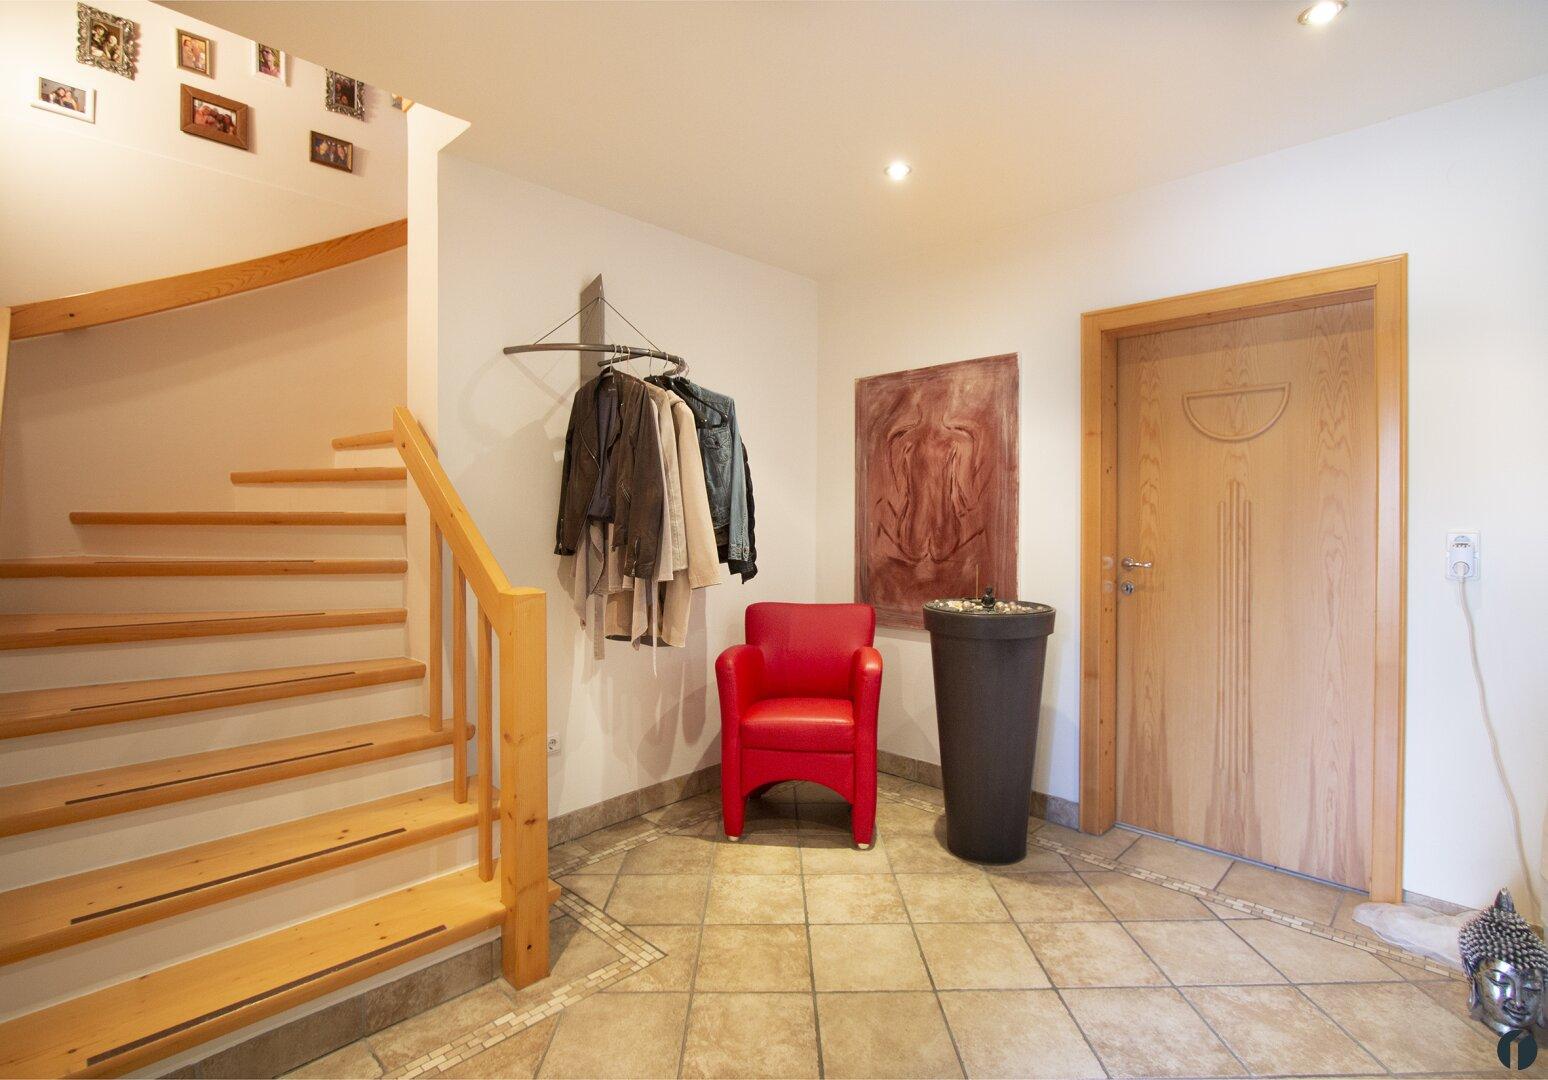 Eingangsbereich mit Treppe ins Erdgeschoss